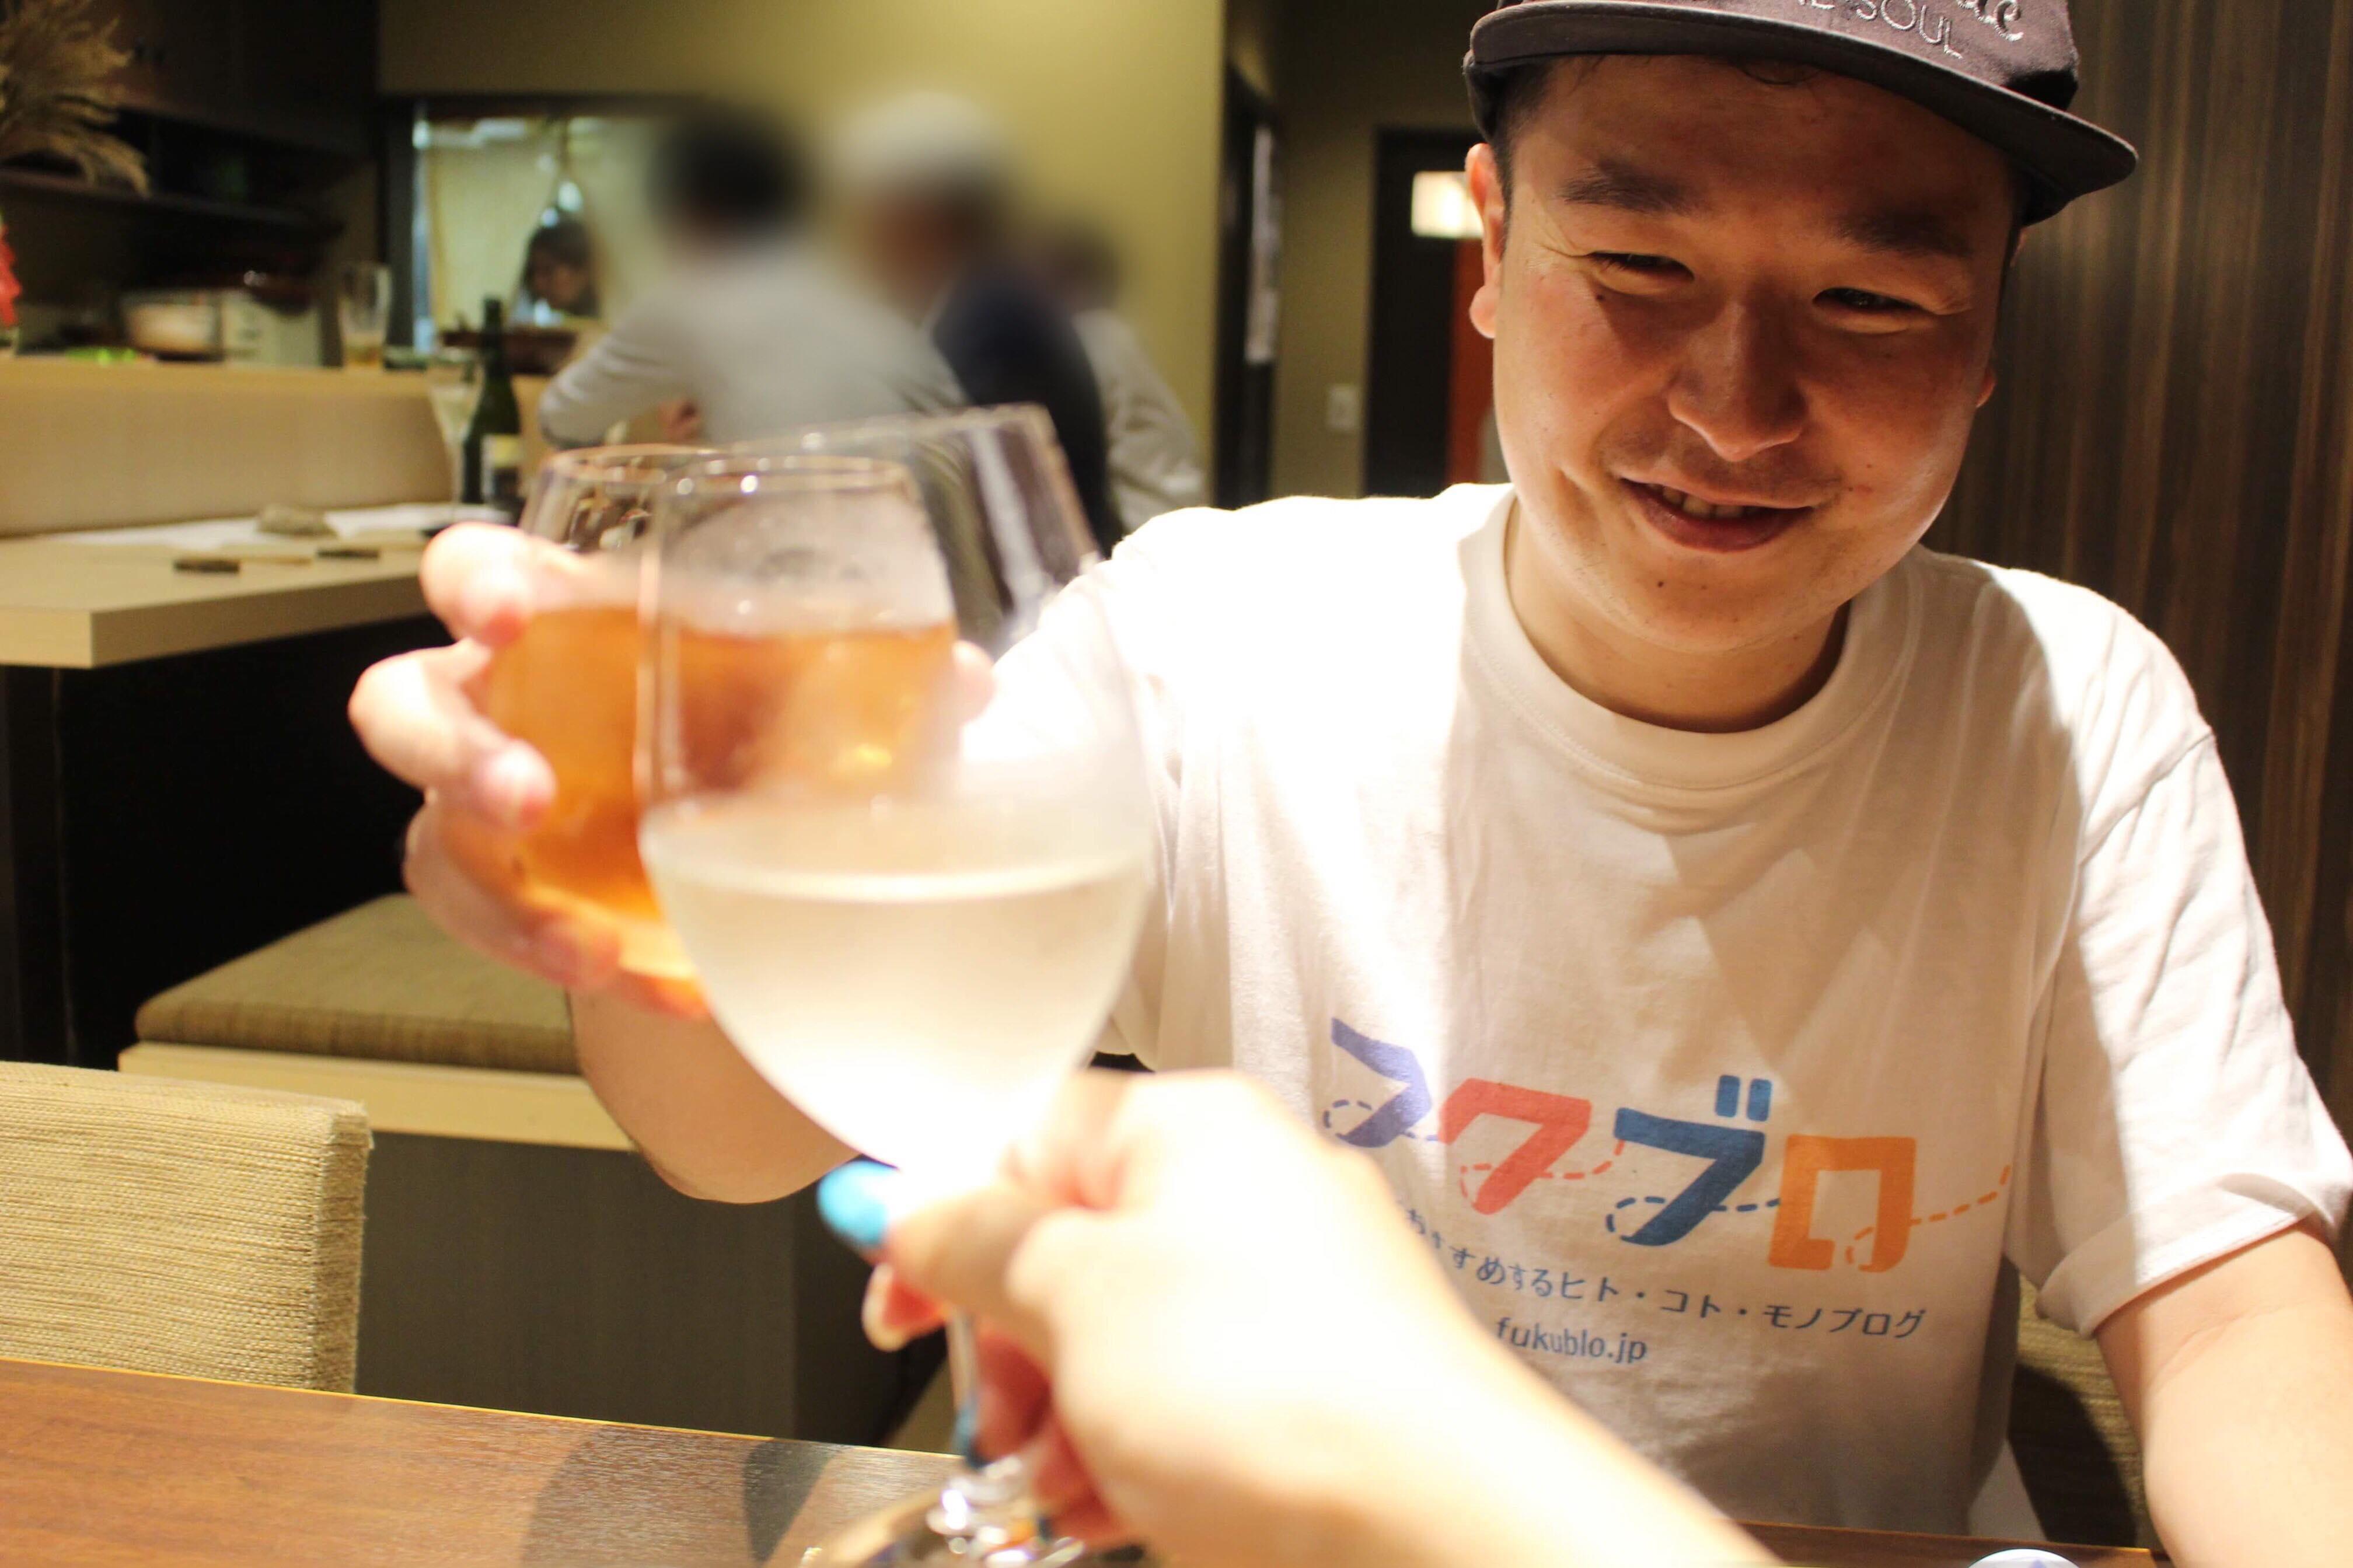 フクブロ【ゴチ企画】ごぅさんと一緒にディナーに行ってきました!